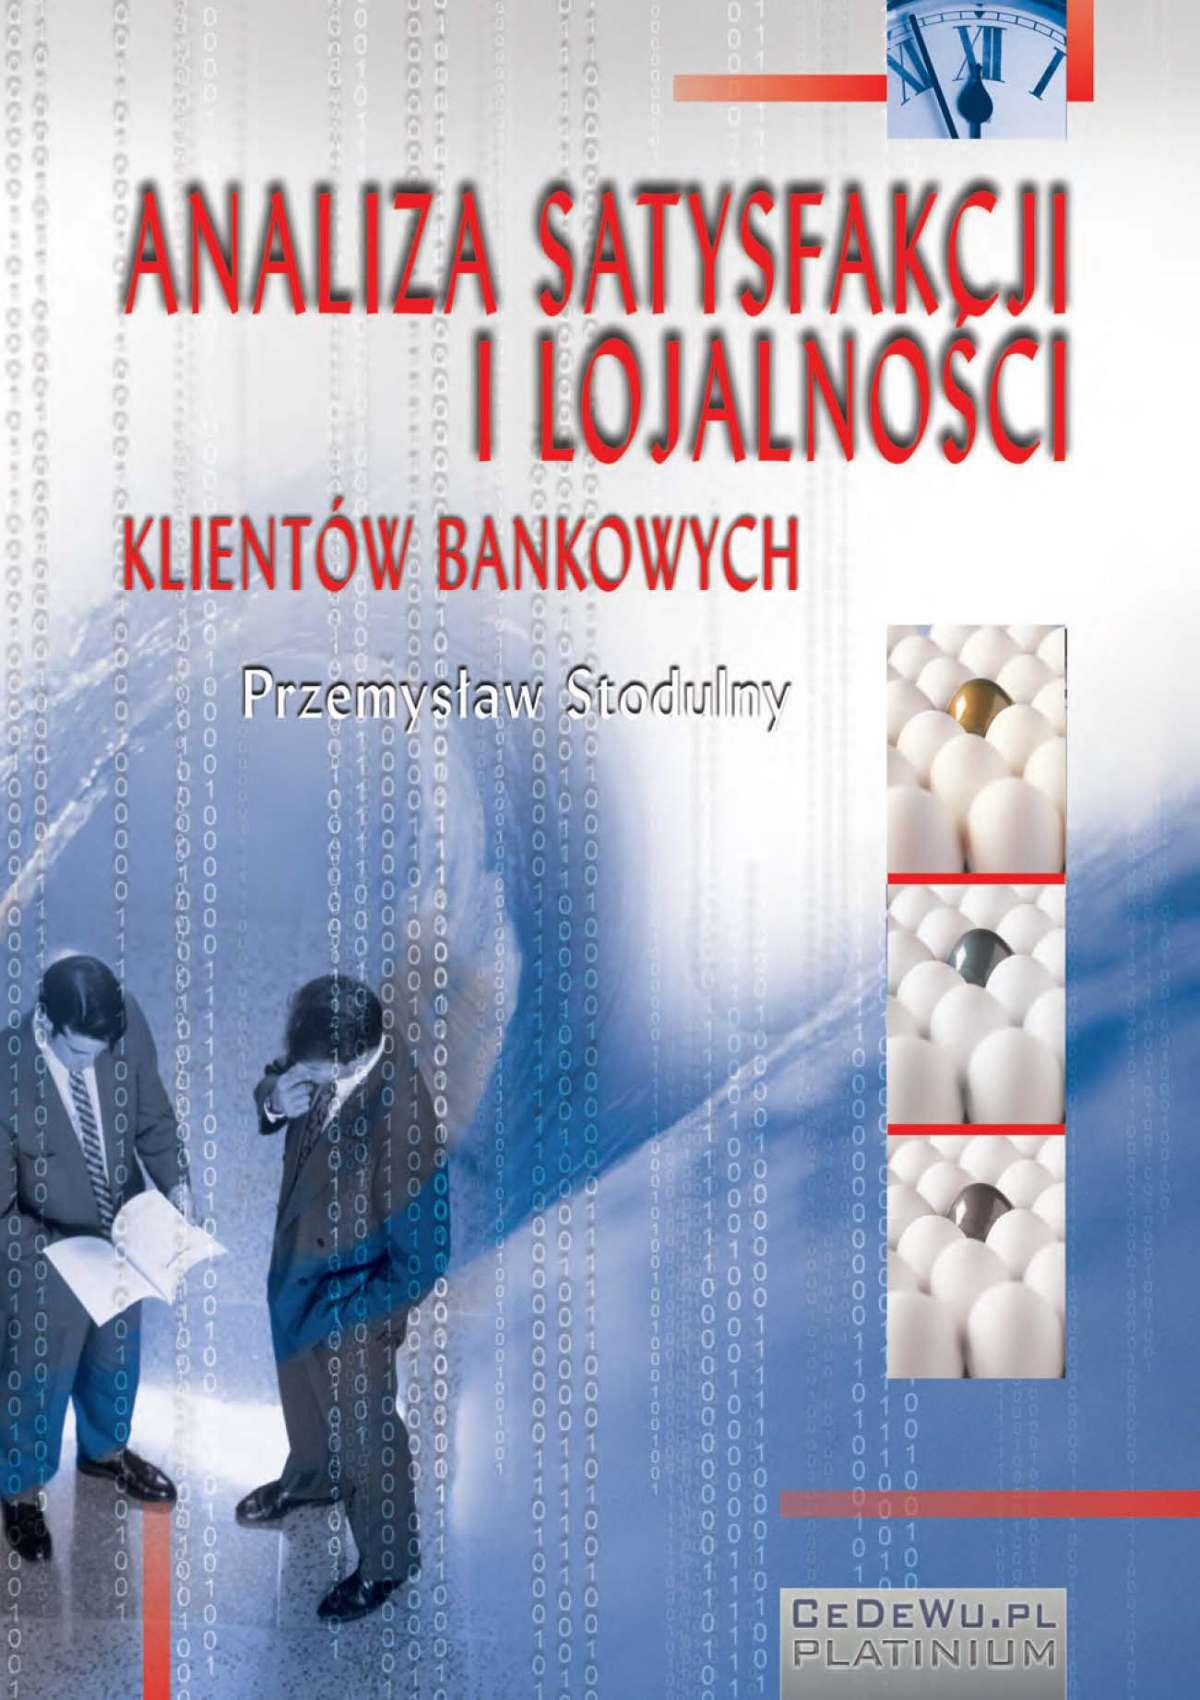 Analiza satysfakcji i lojalności klientów bankowych. Rozdział 5. Związek jakości usług bankowych z zadowoleniem i lojalnością klientów banków - Ebook (Książka PDF) do pobrania w formacie PDF